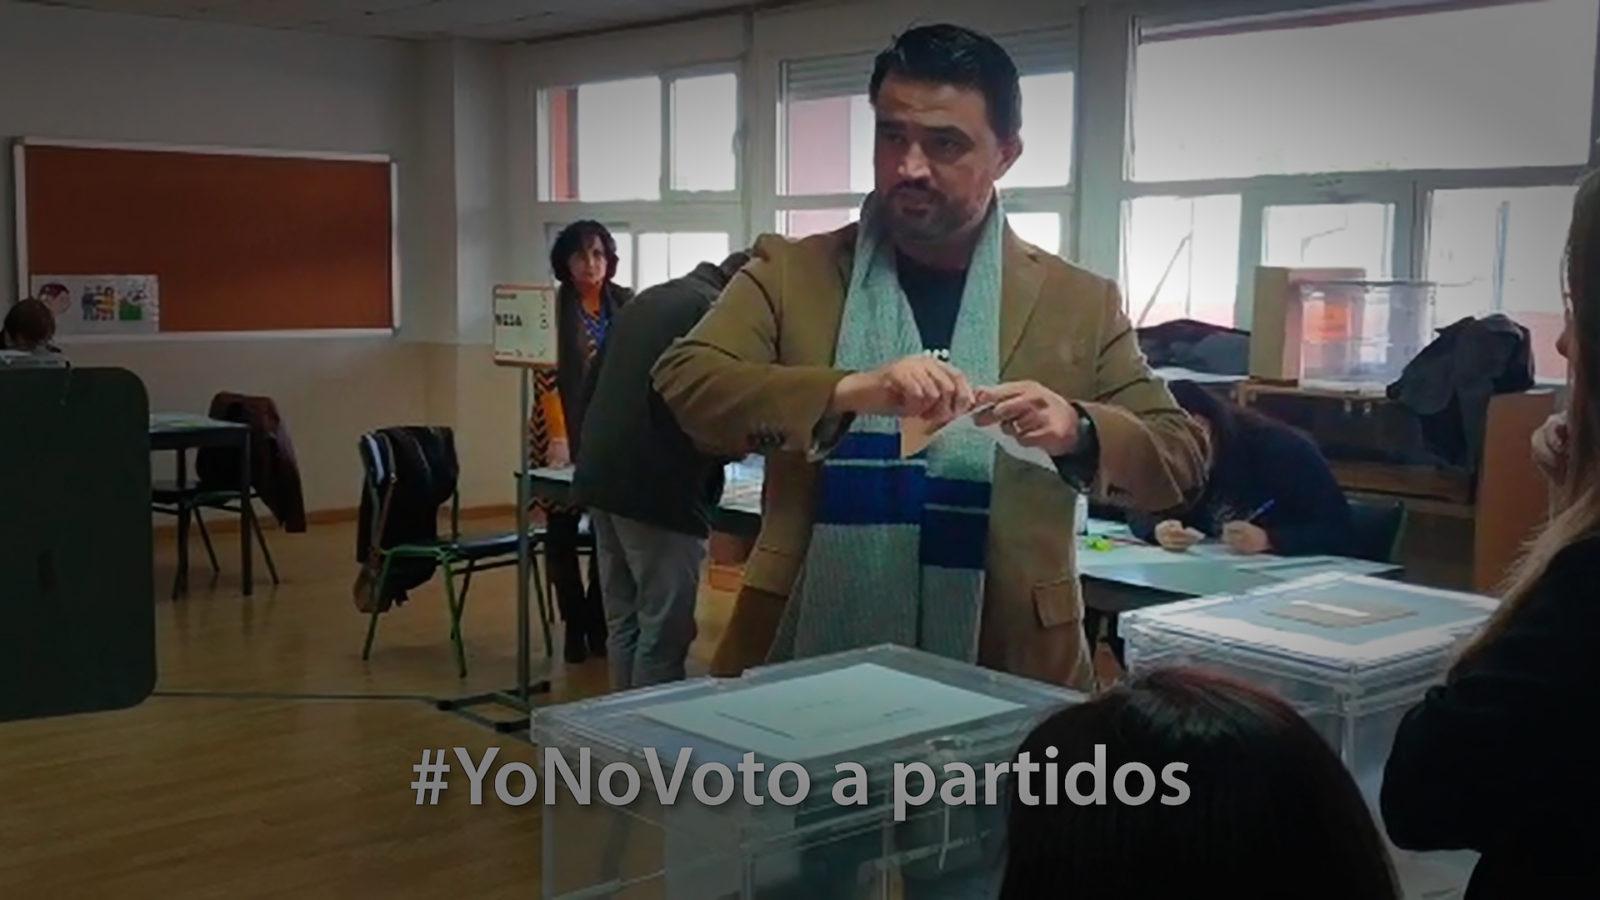 Quique Baeza rompe su papeleta ante la mesa de votaciones a Partidos